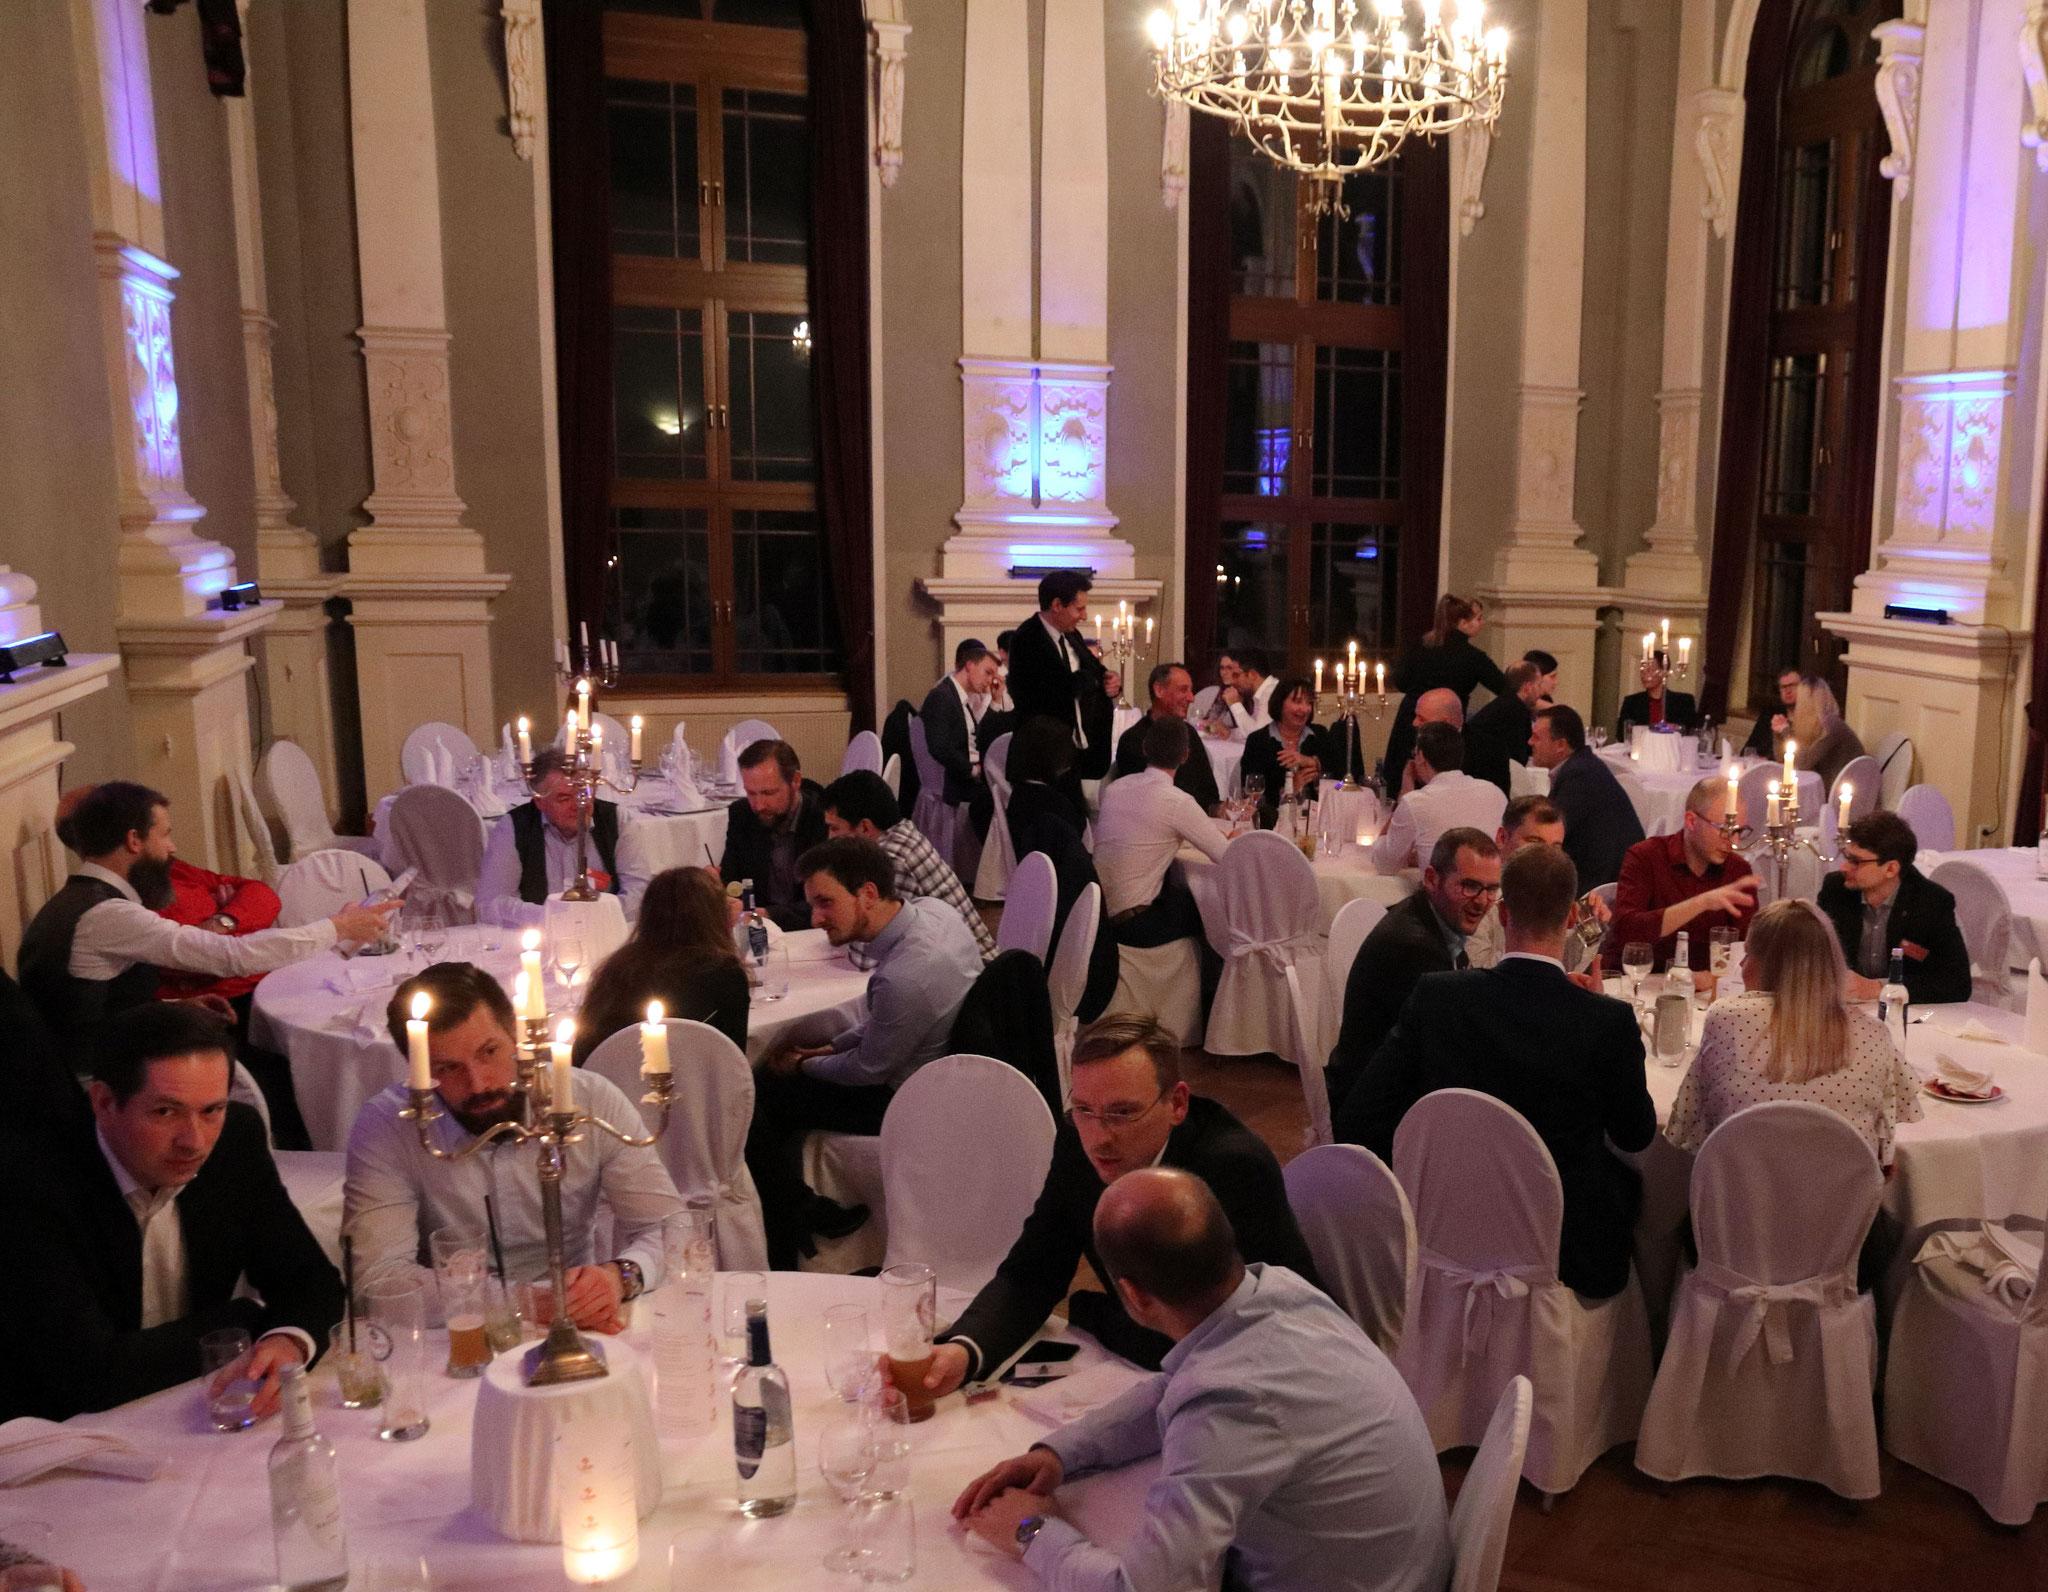 Stilvolles Ambiente und interessante Gespräche standen am Abend des ersten Veranstaltungstages auf dem Programm der LEF 2020